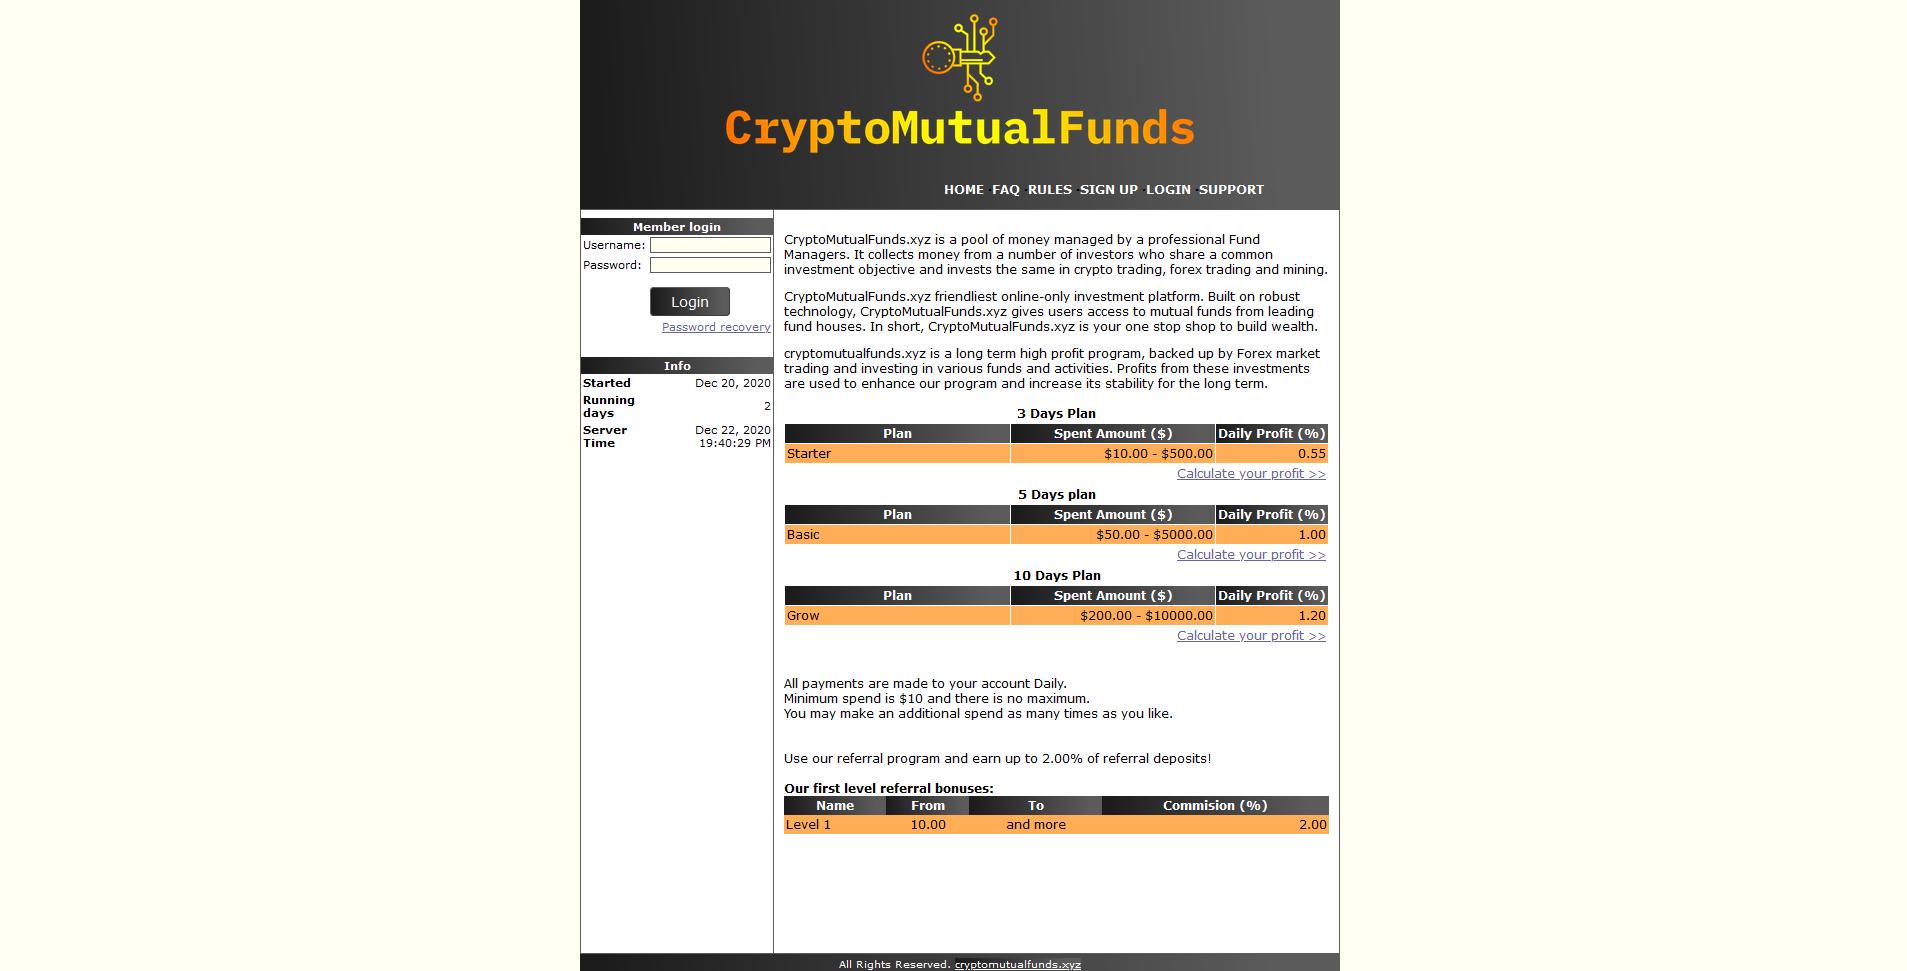 CryptoMutualFunds